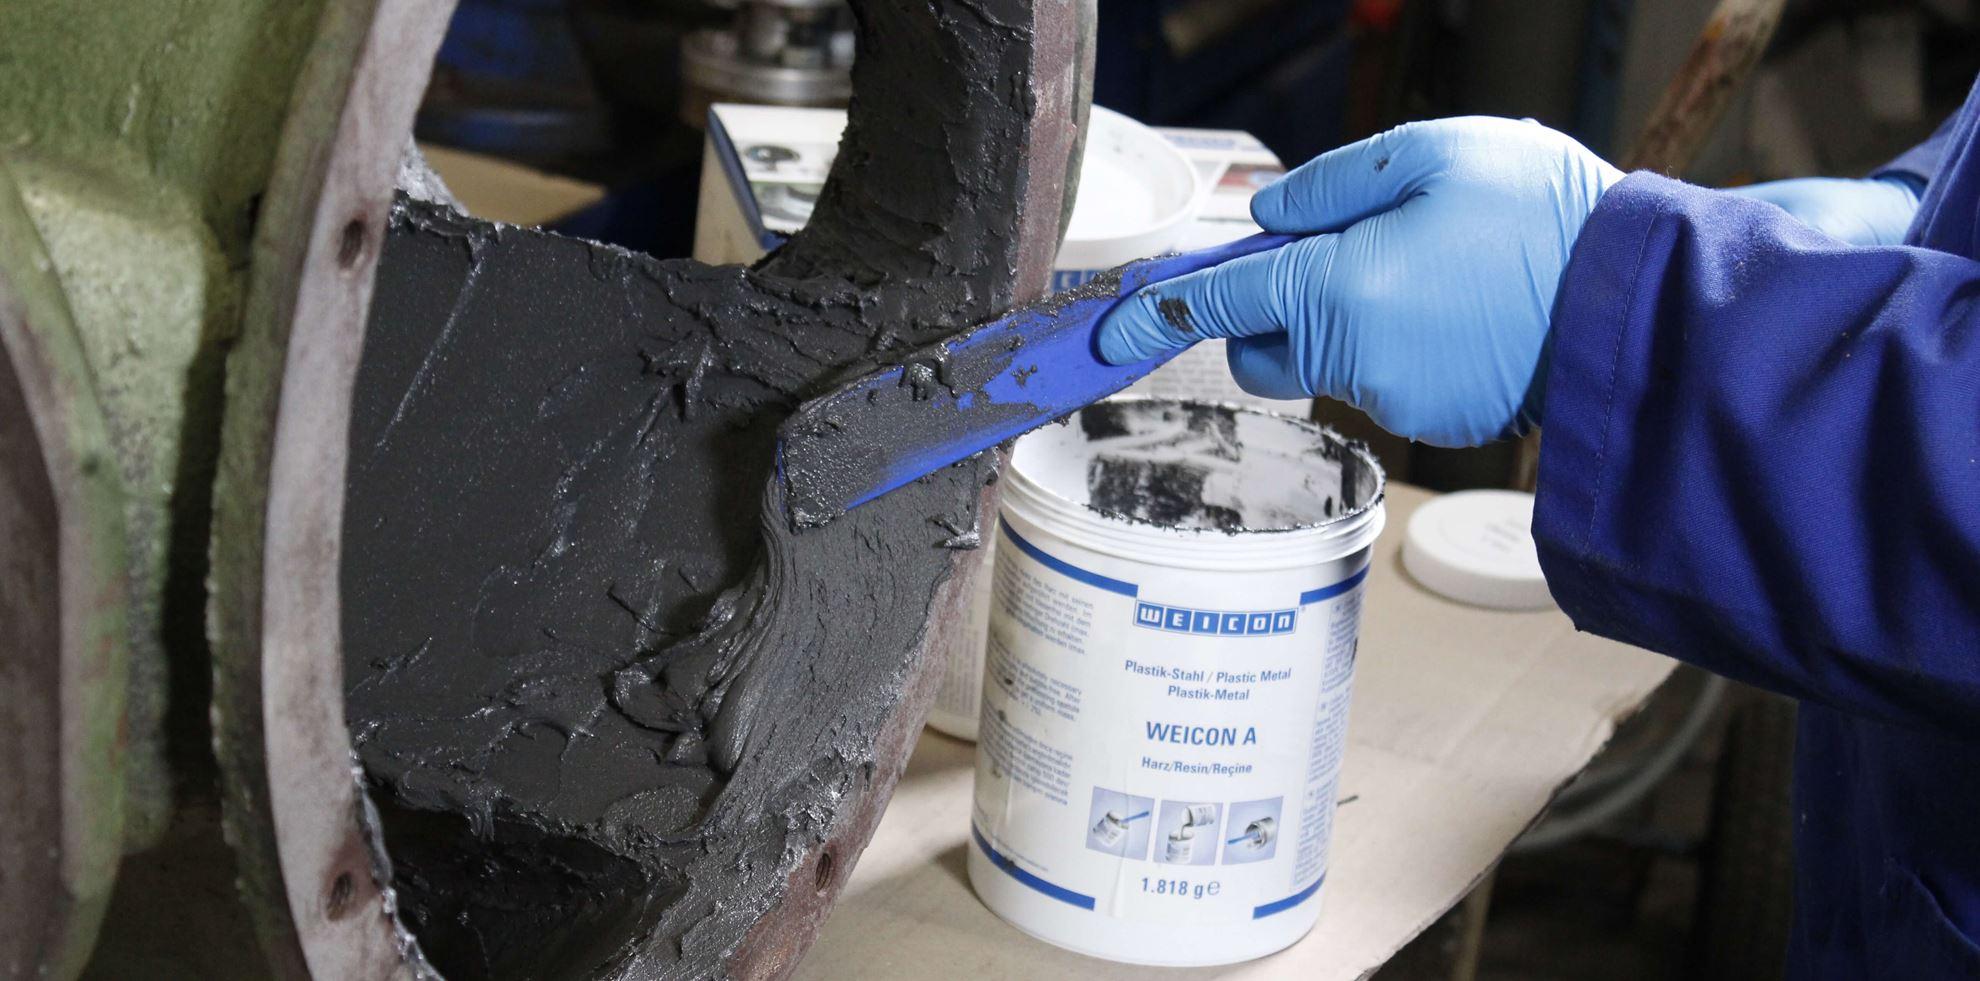 انواع محصولات تخصصی - جهت تعمیرات و نگهداری کارخانجات